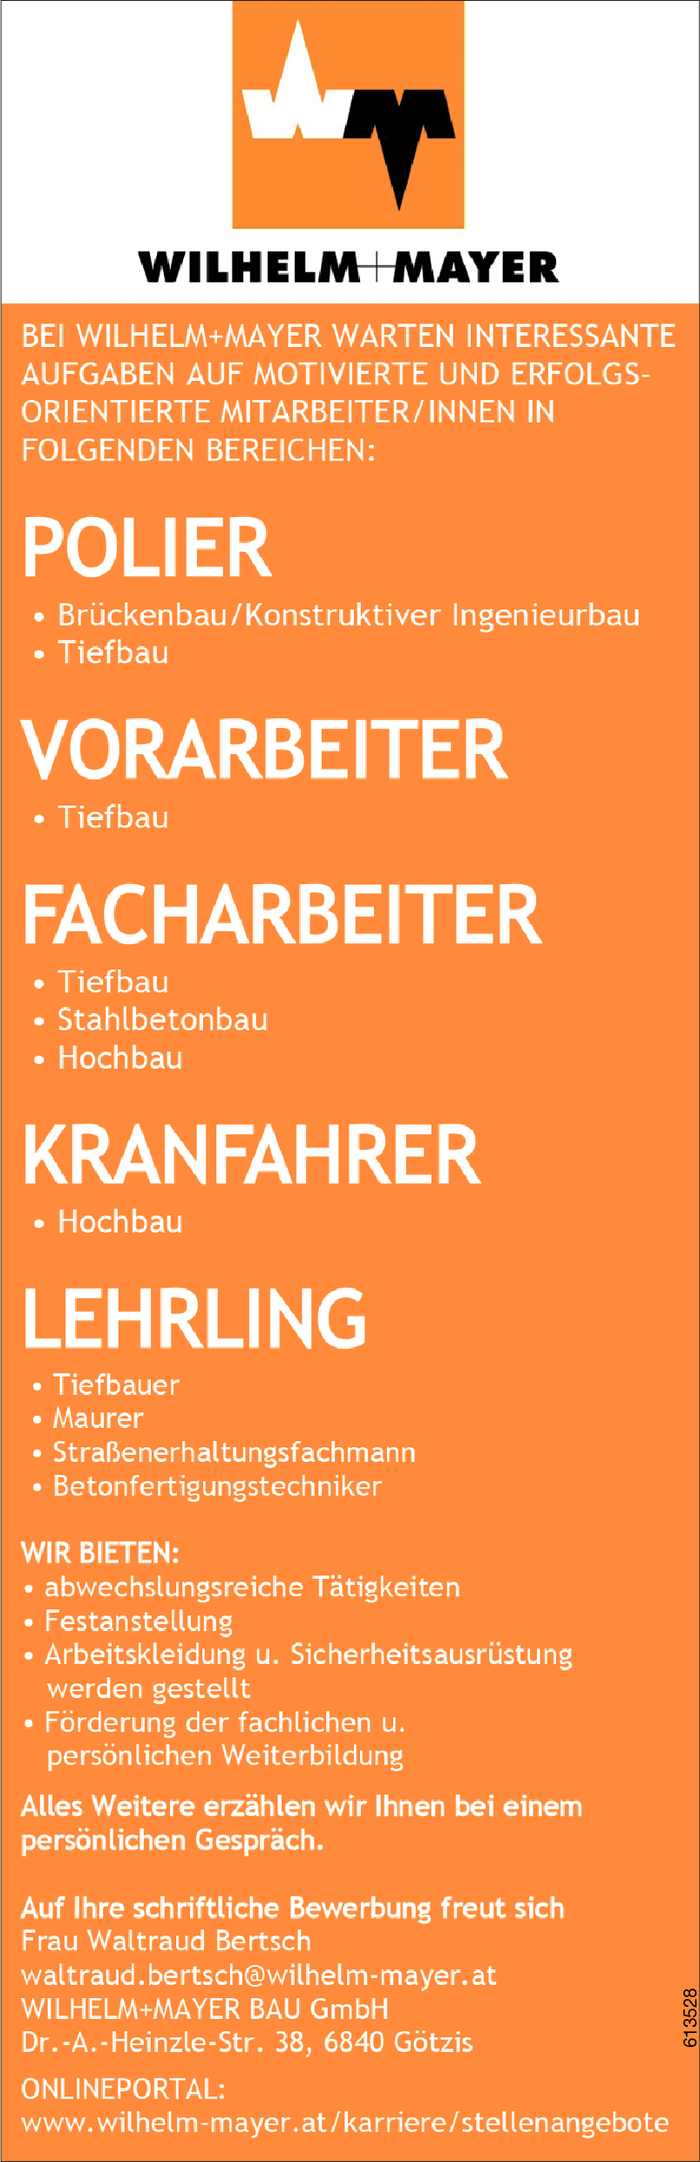 Schön Lebenslauf Für Karrierewechsel Galerie - Entry Level Resume ...